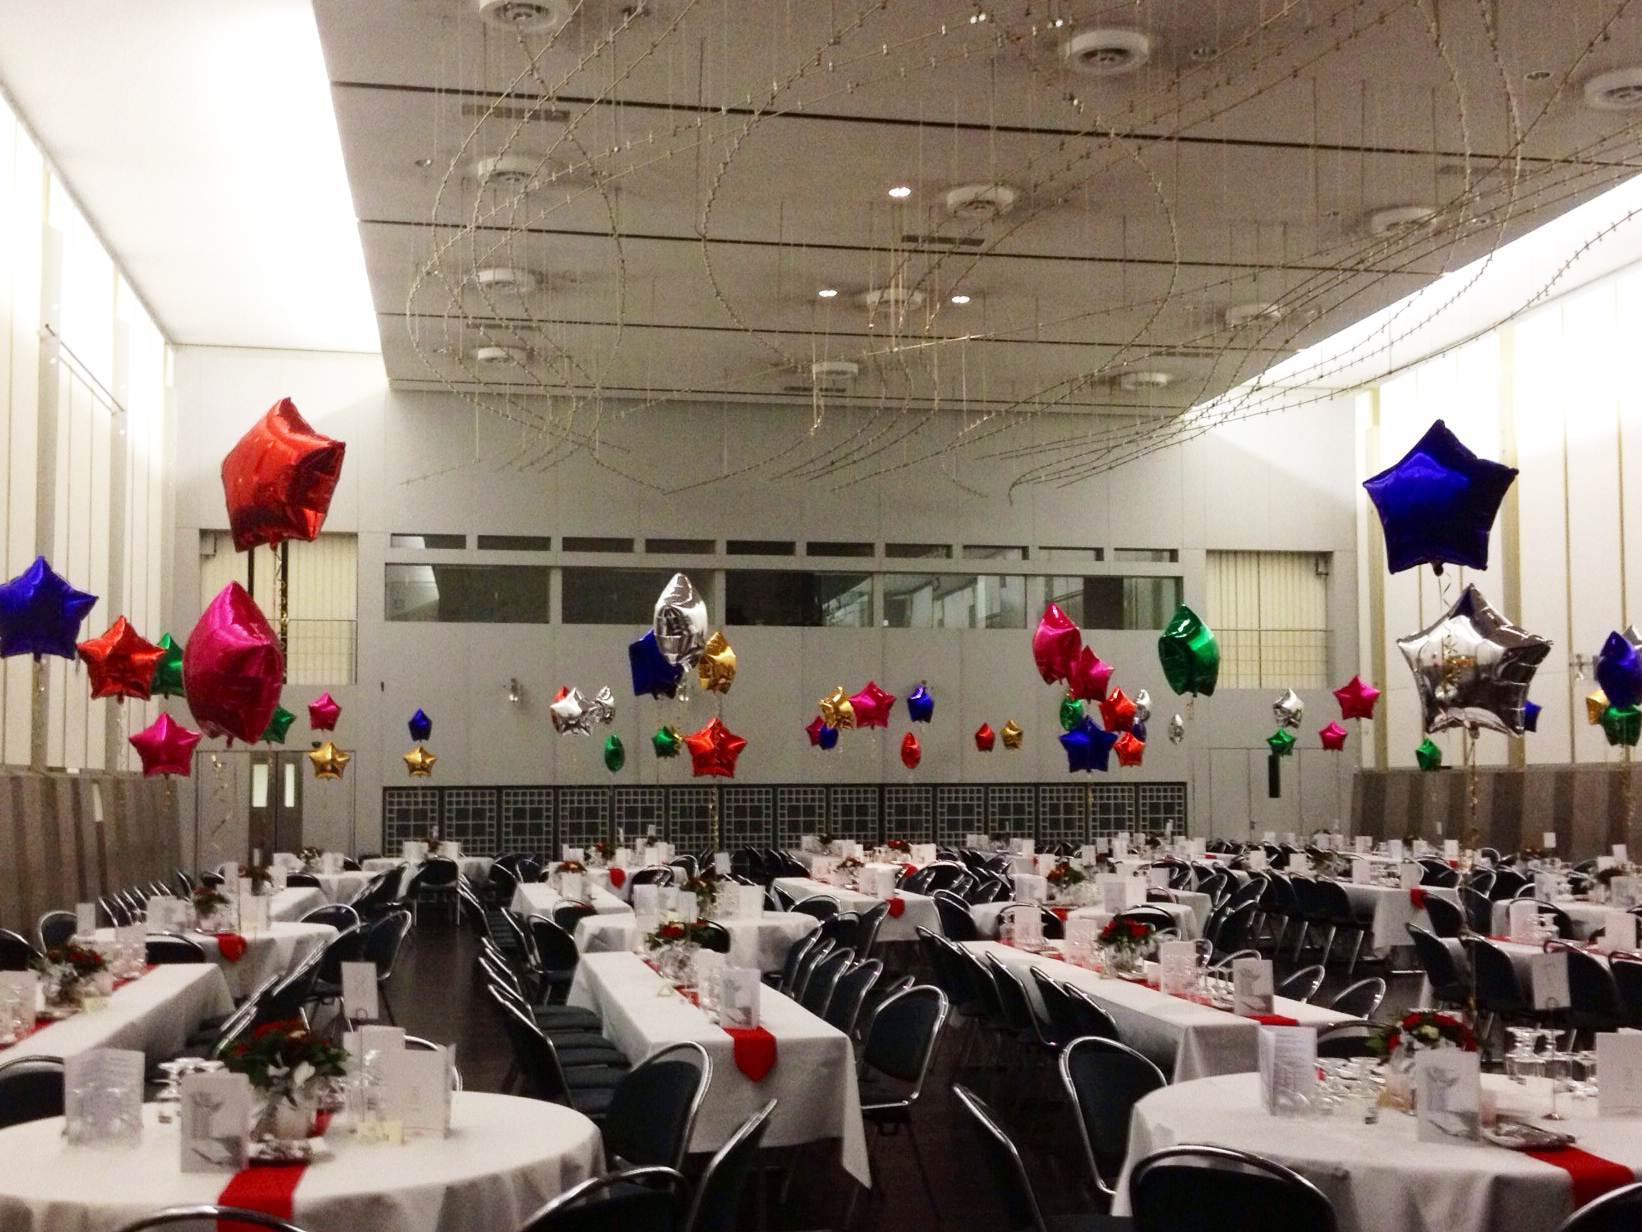 Luftballons surprise deko - Luftballon deko ...